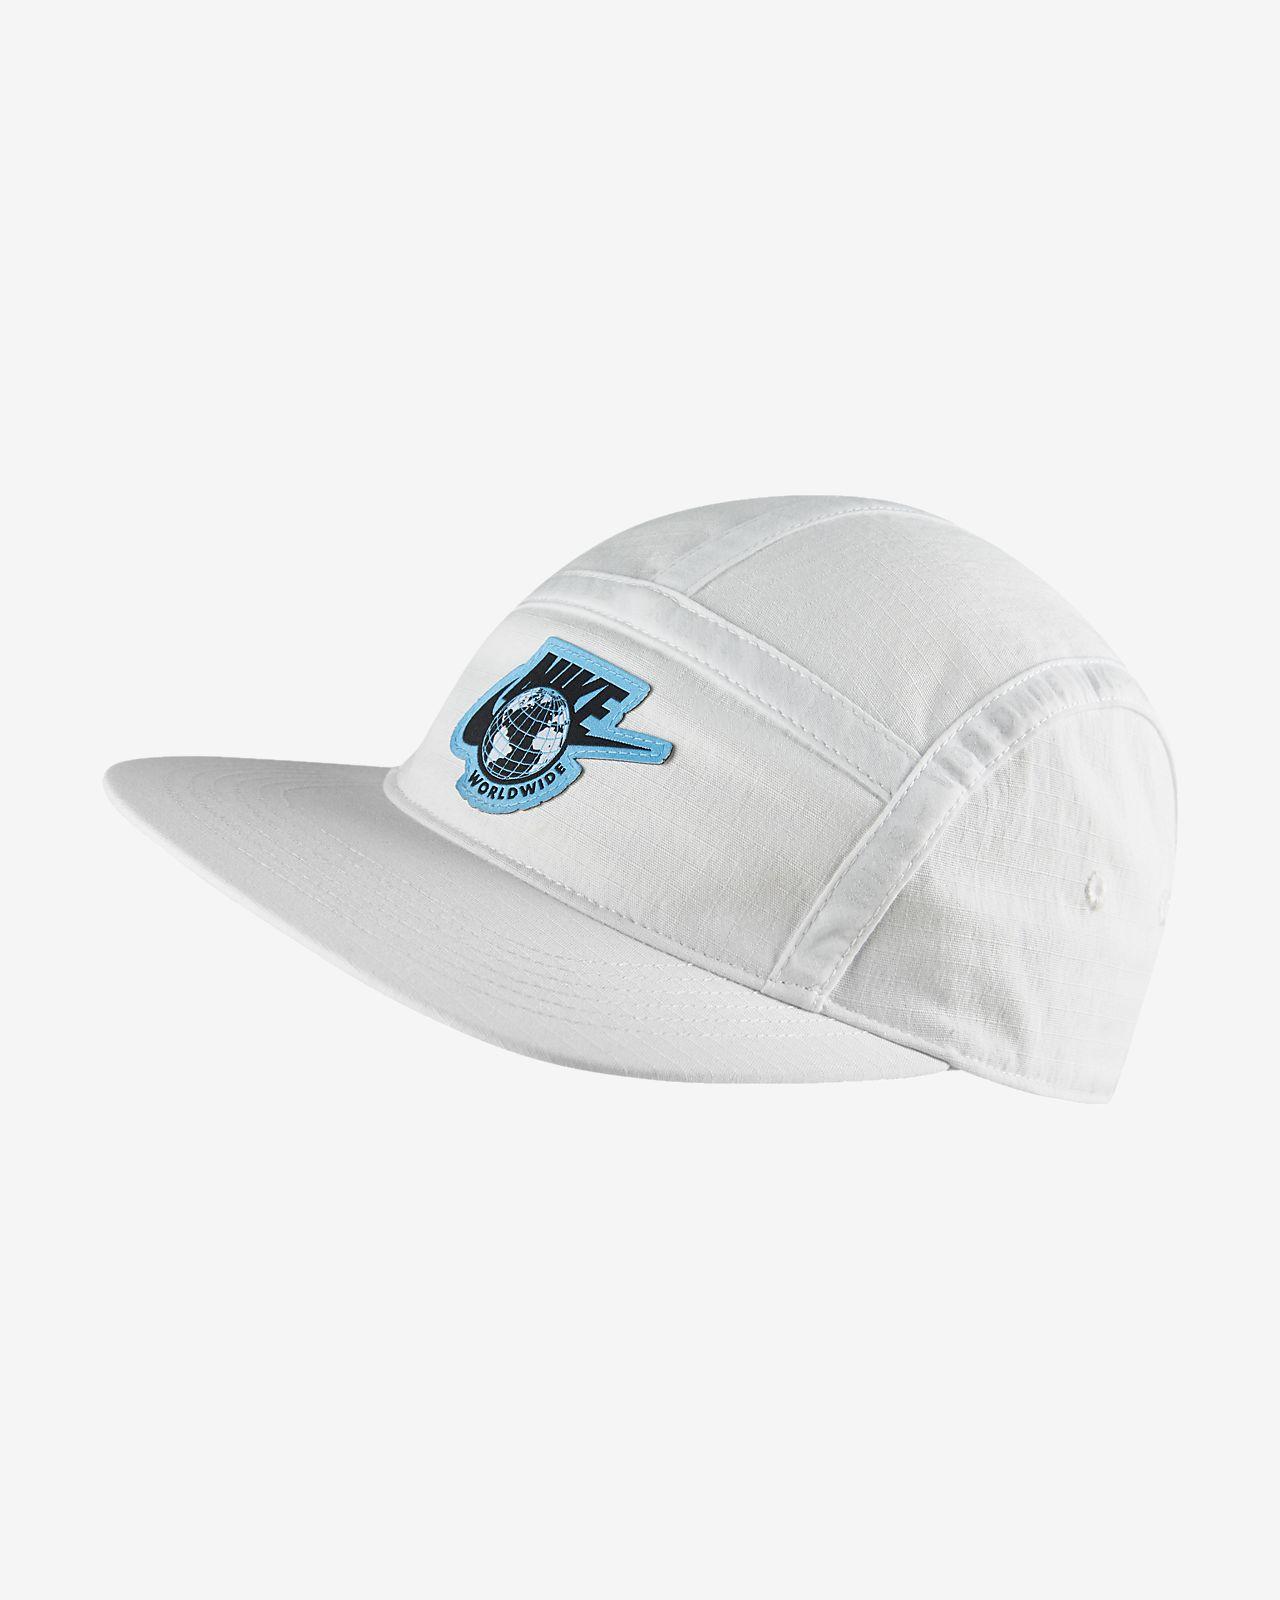 Nike Sportswear Worldwide Adjustable Cap